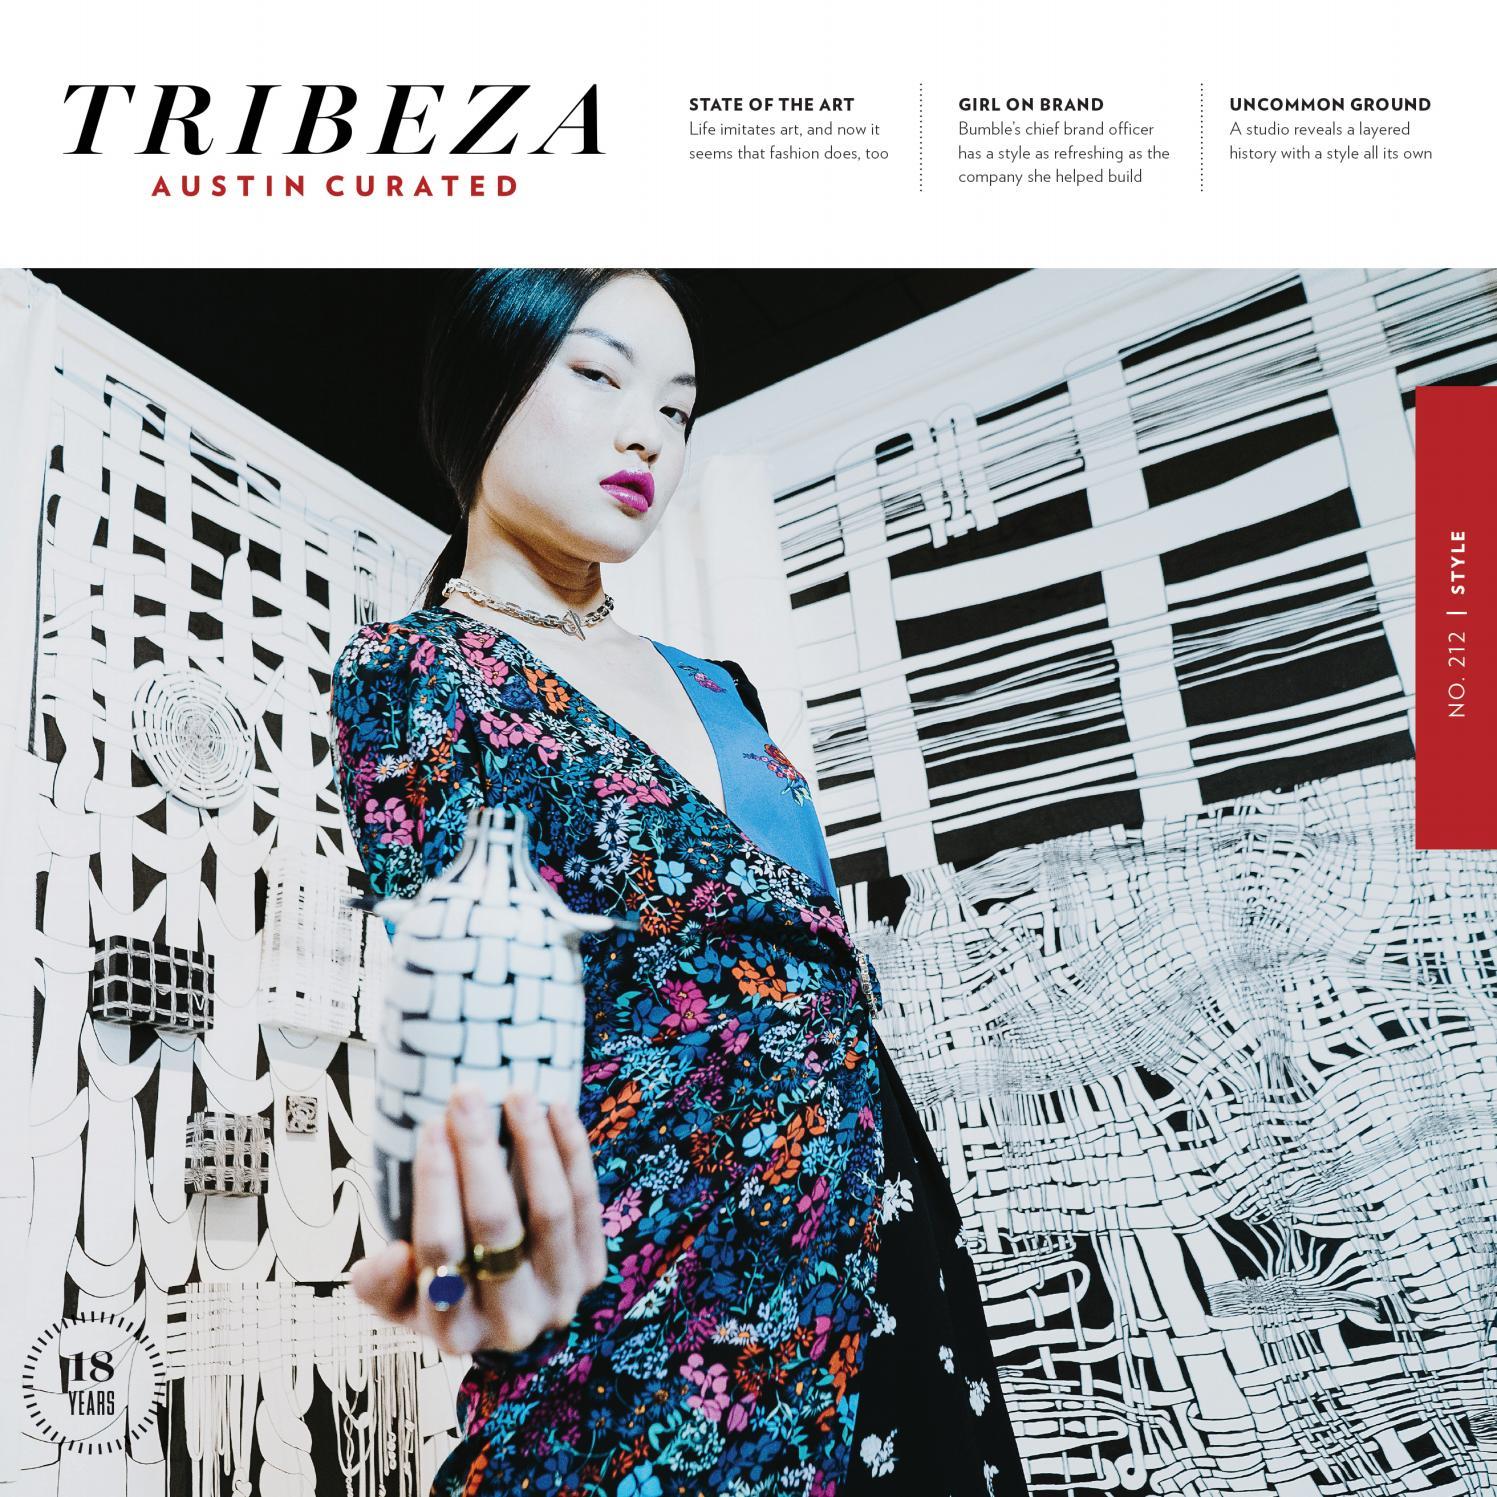 5f164ebb35d TRIBEZA April 2019 by TRIBEZA Austin Curated - issuu